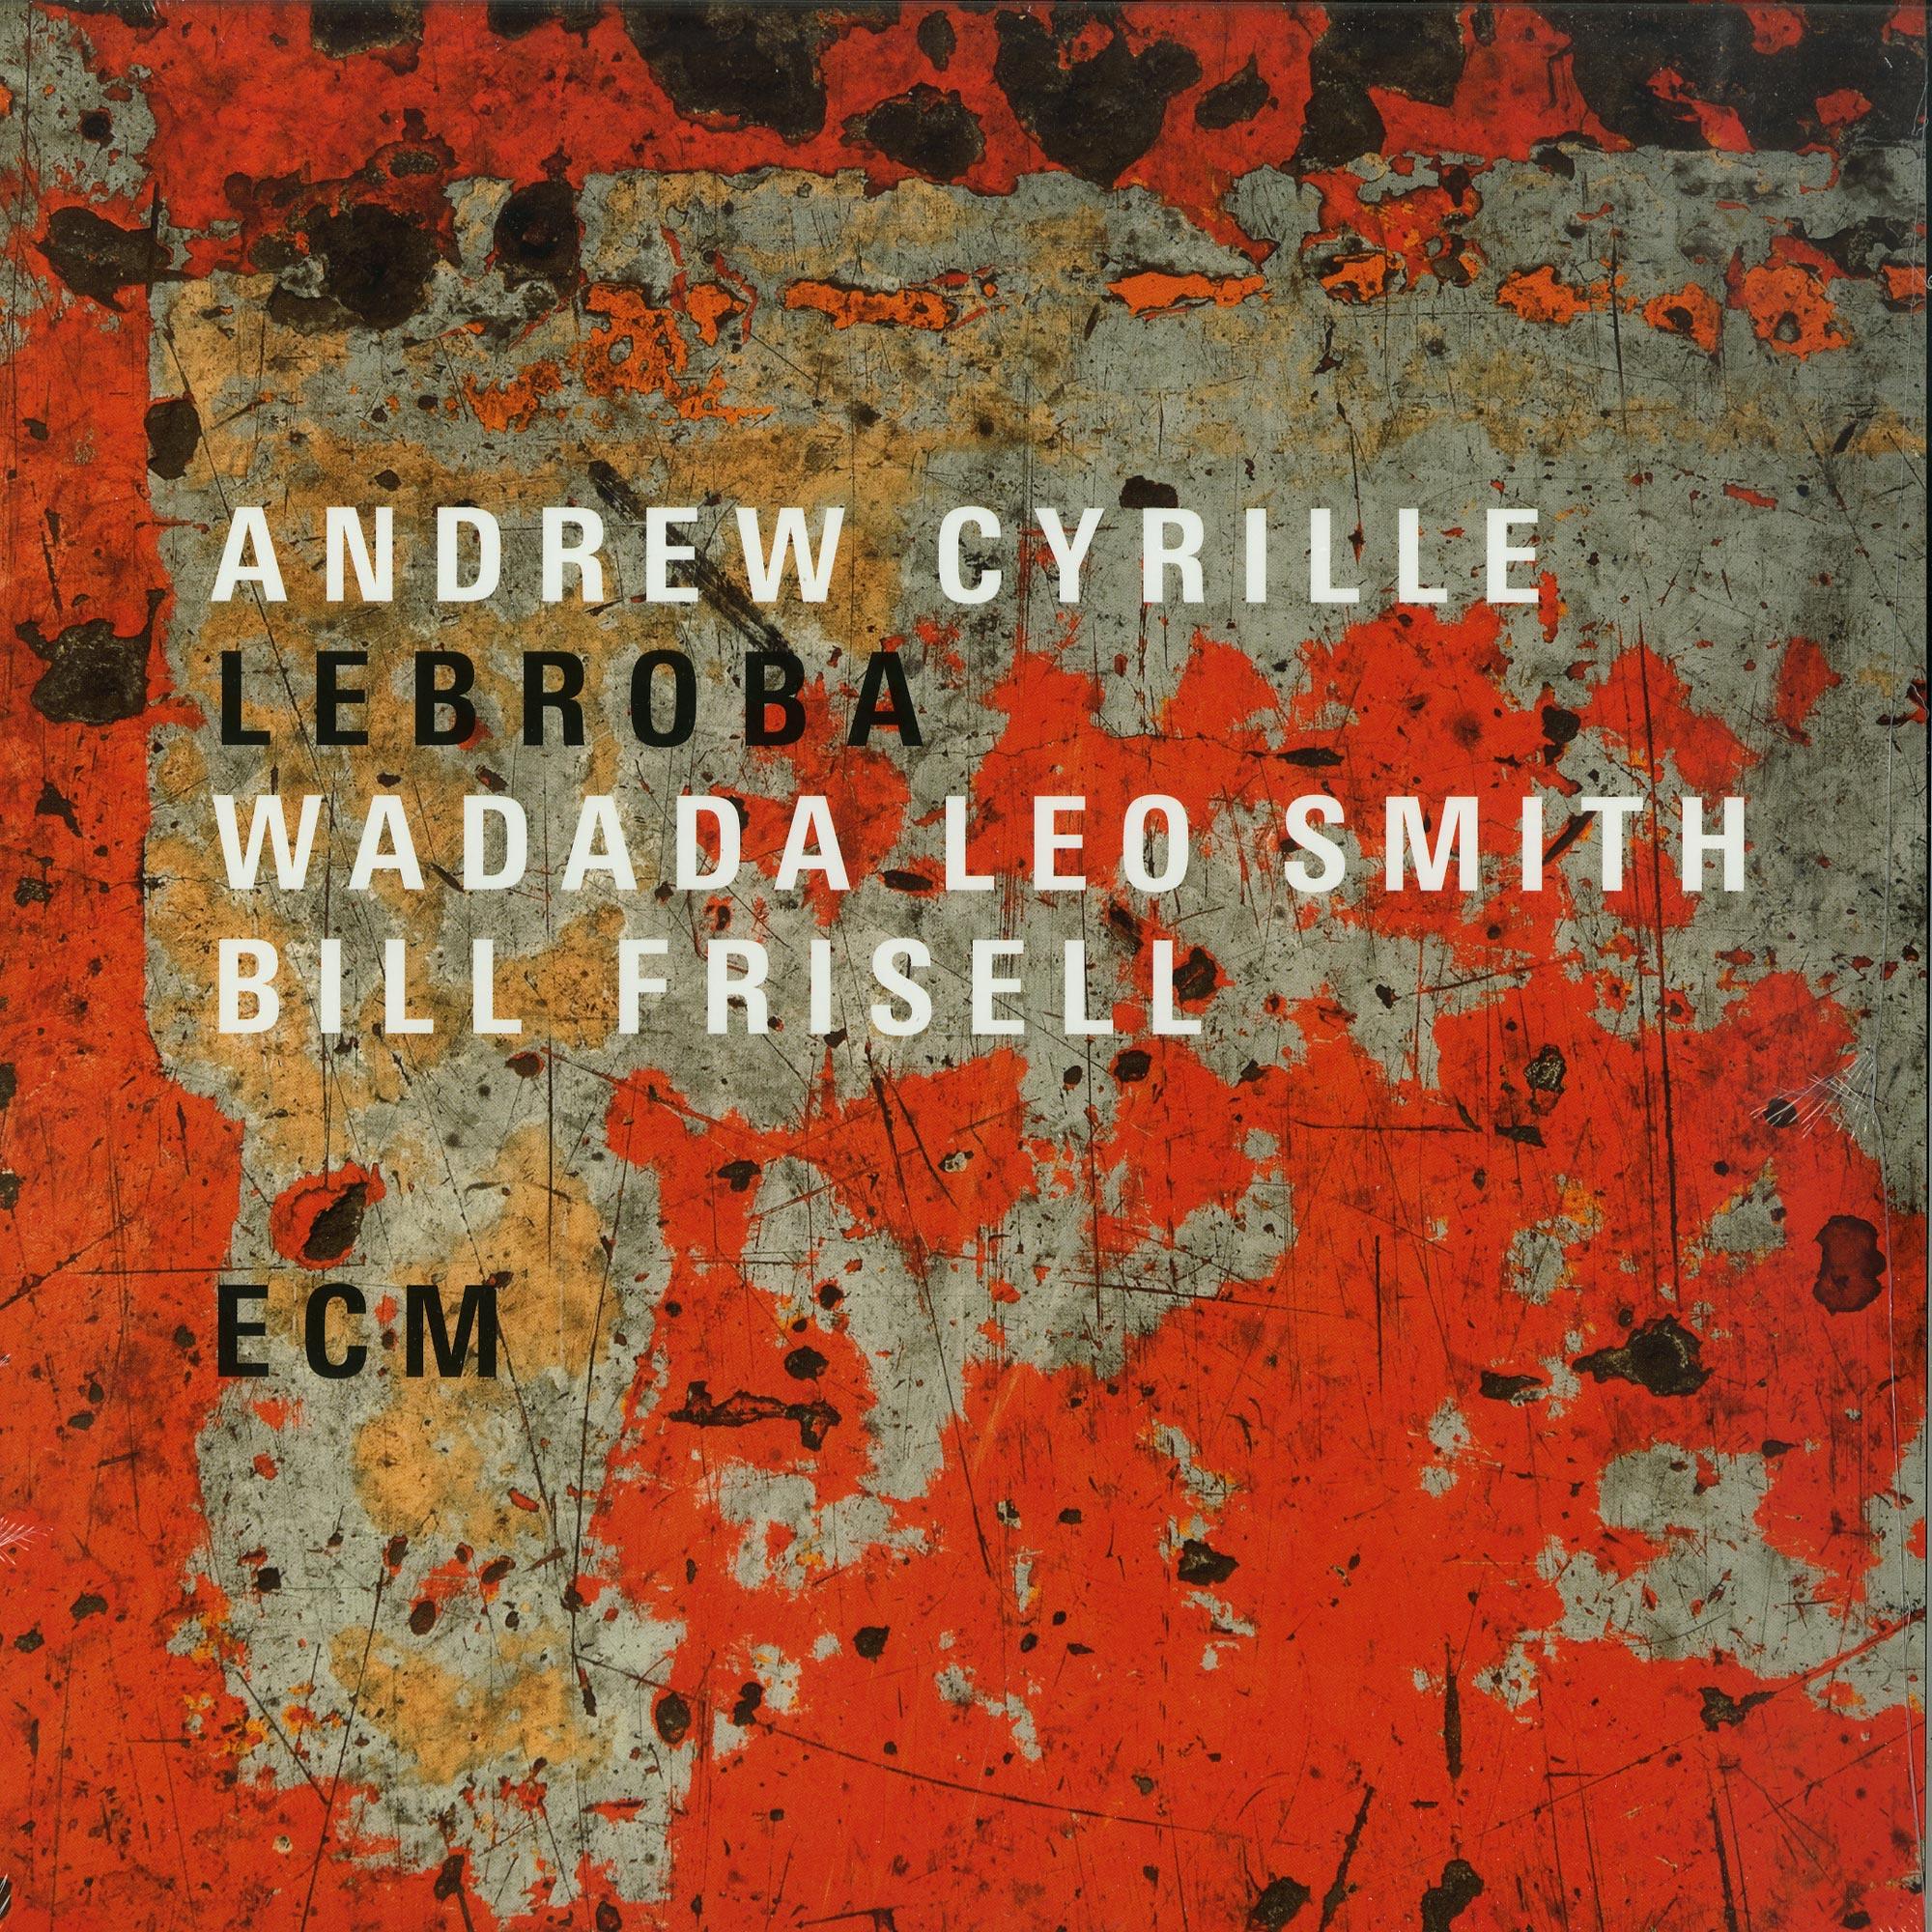 Andrew Cyrille & Wadada Leo Smith & Bill Frisell - LEBROBA